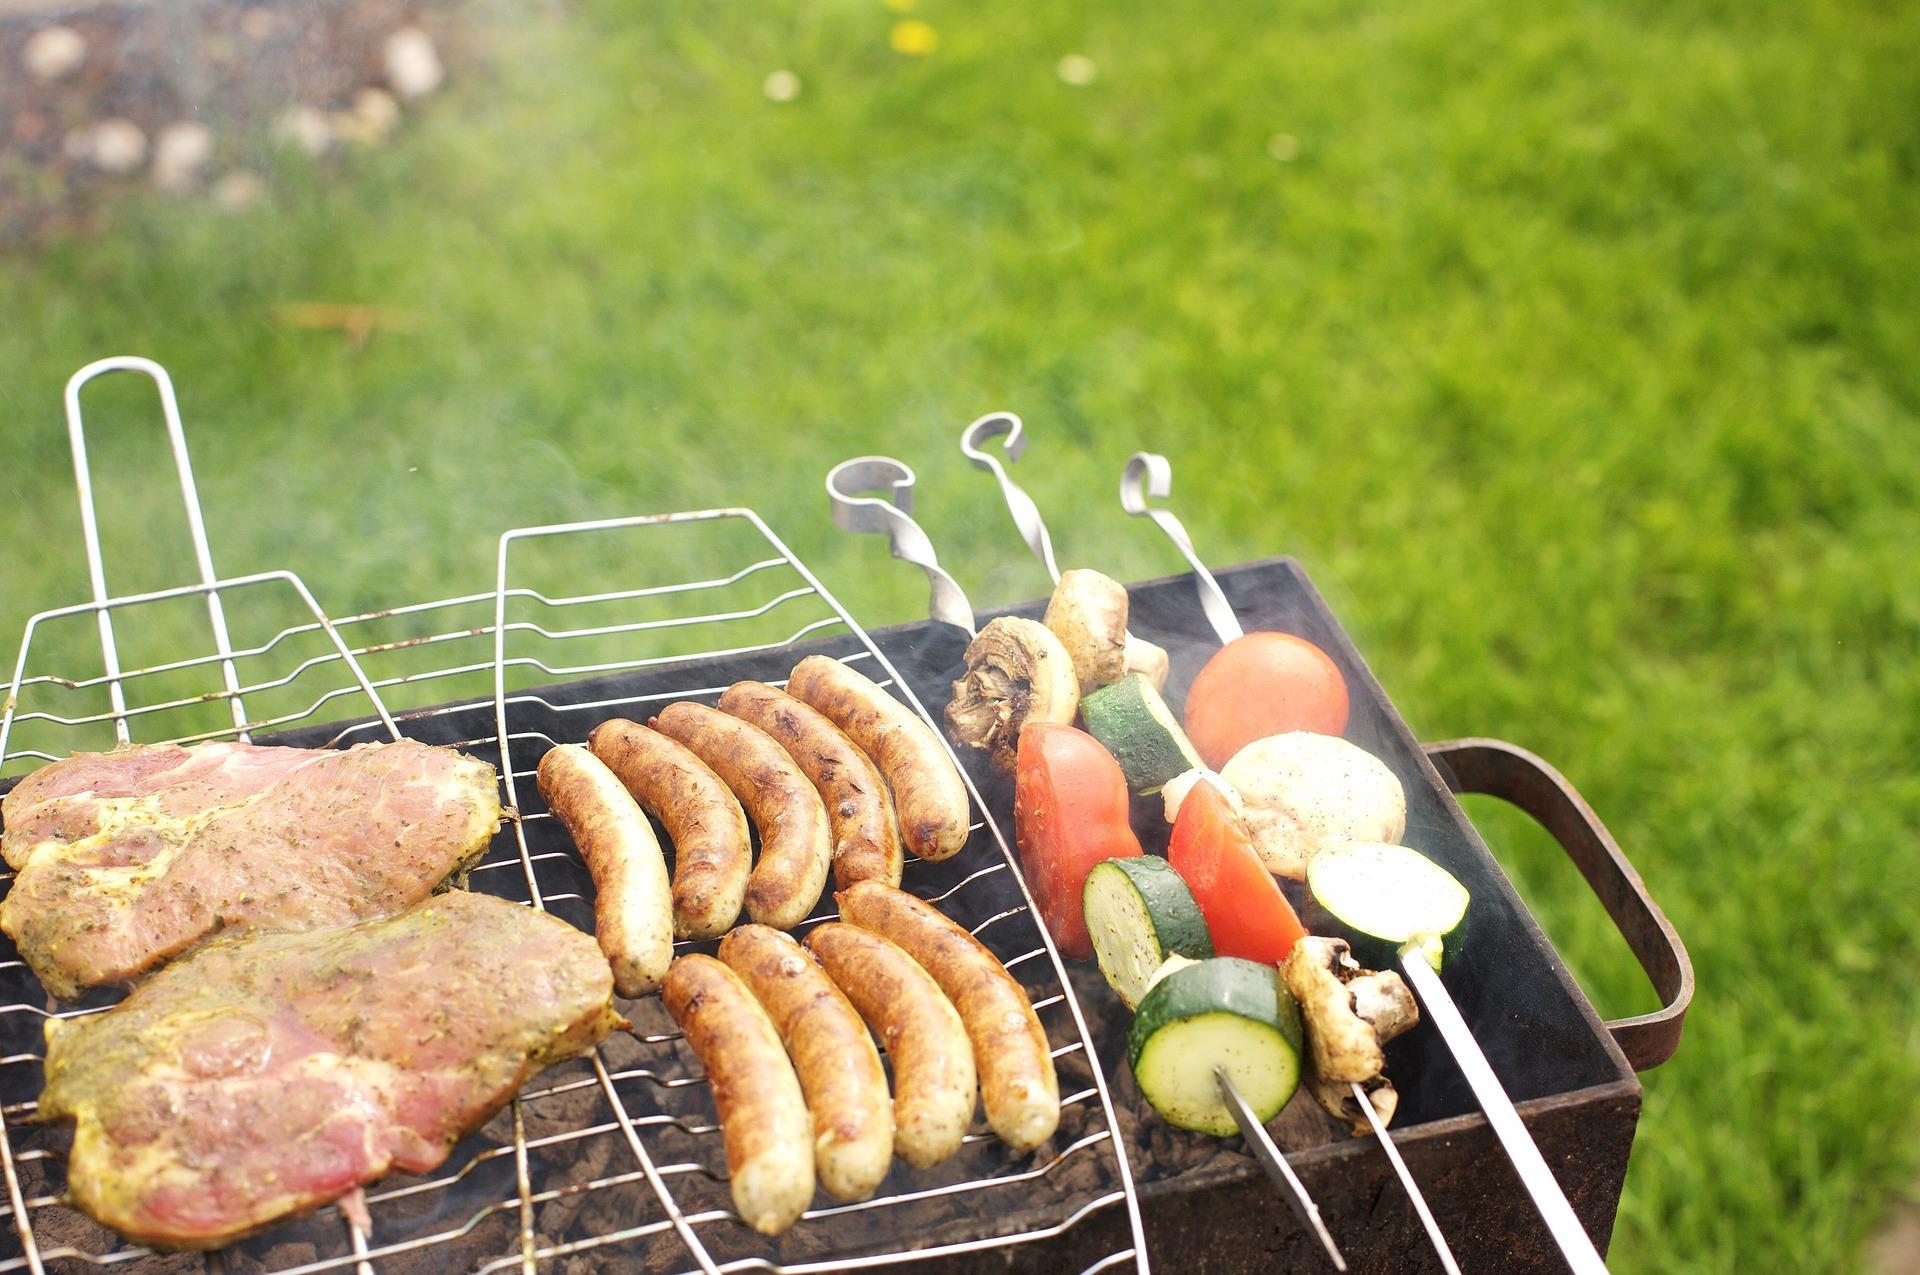 barbecue-1340236_1920